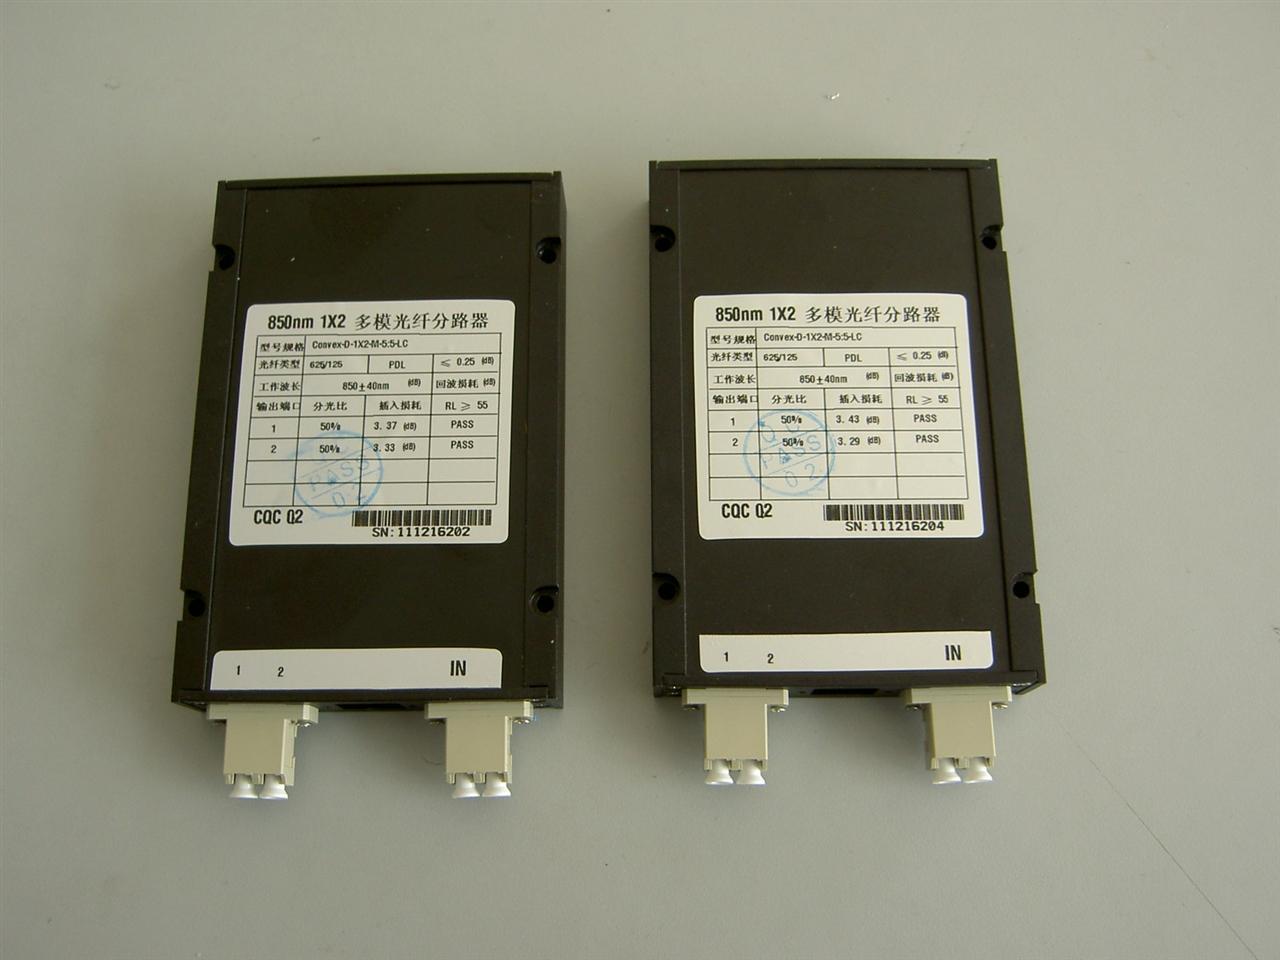 法兰式850nm1X2多模光纤分路器